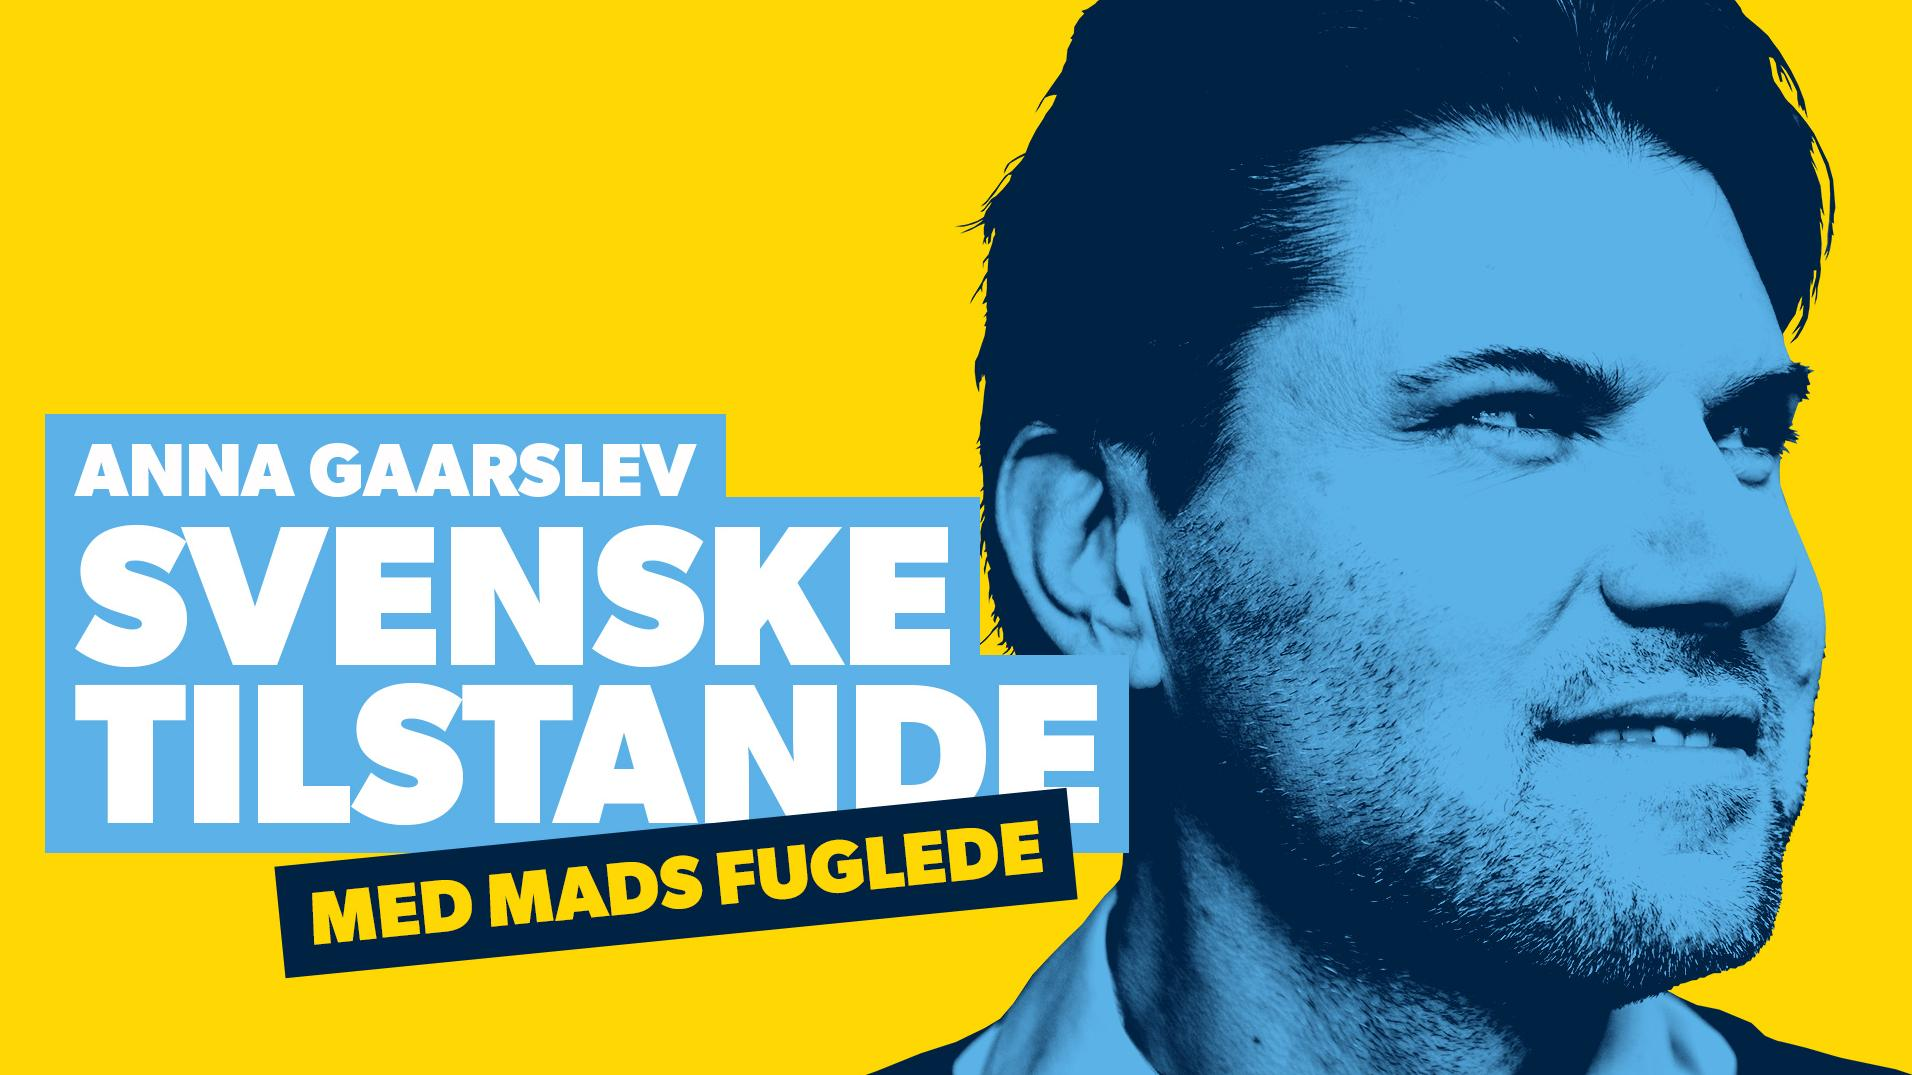 svensk_podcast_mads_16-9_v002.jpg